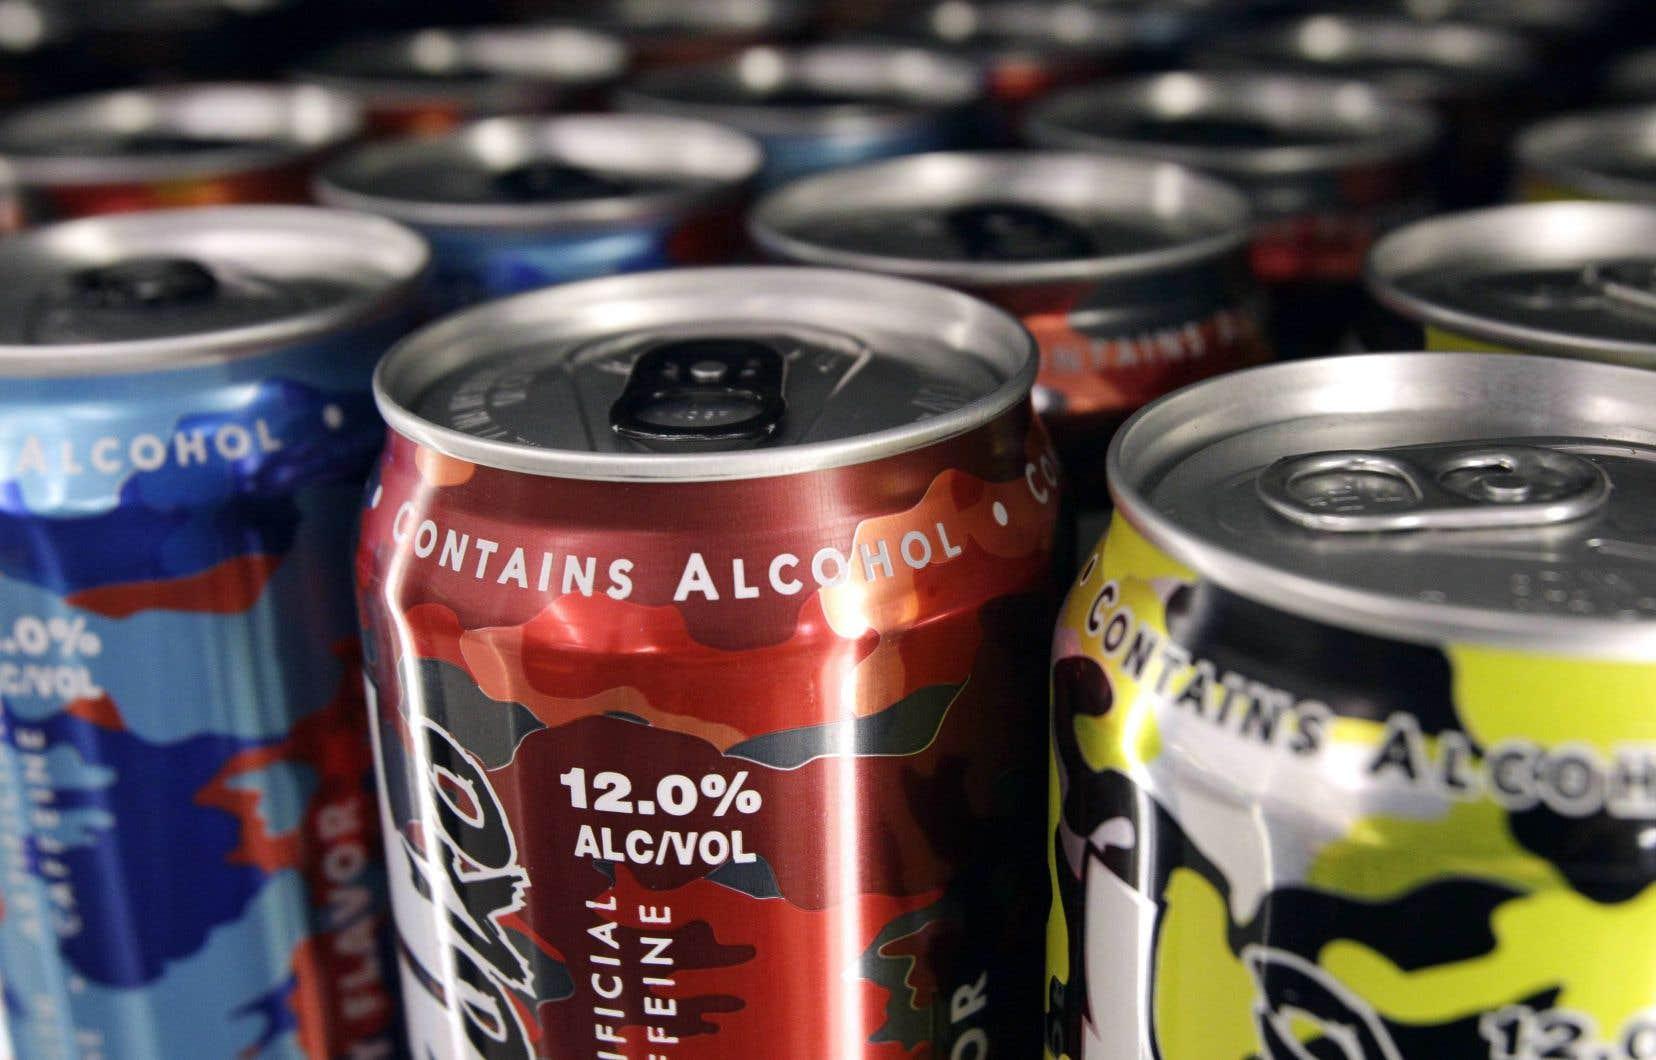 L'Association pour la santé publique du Québec propose l'imposition d'une limite d'alcool équivalente à un verre standard par cannette.